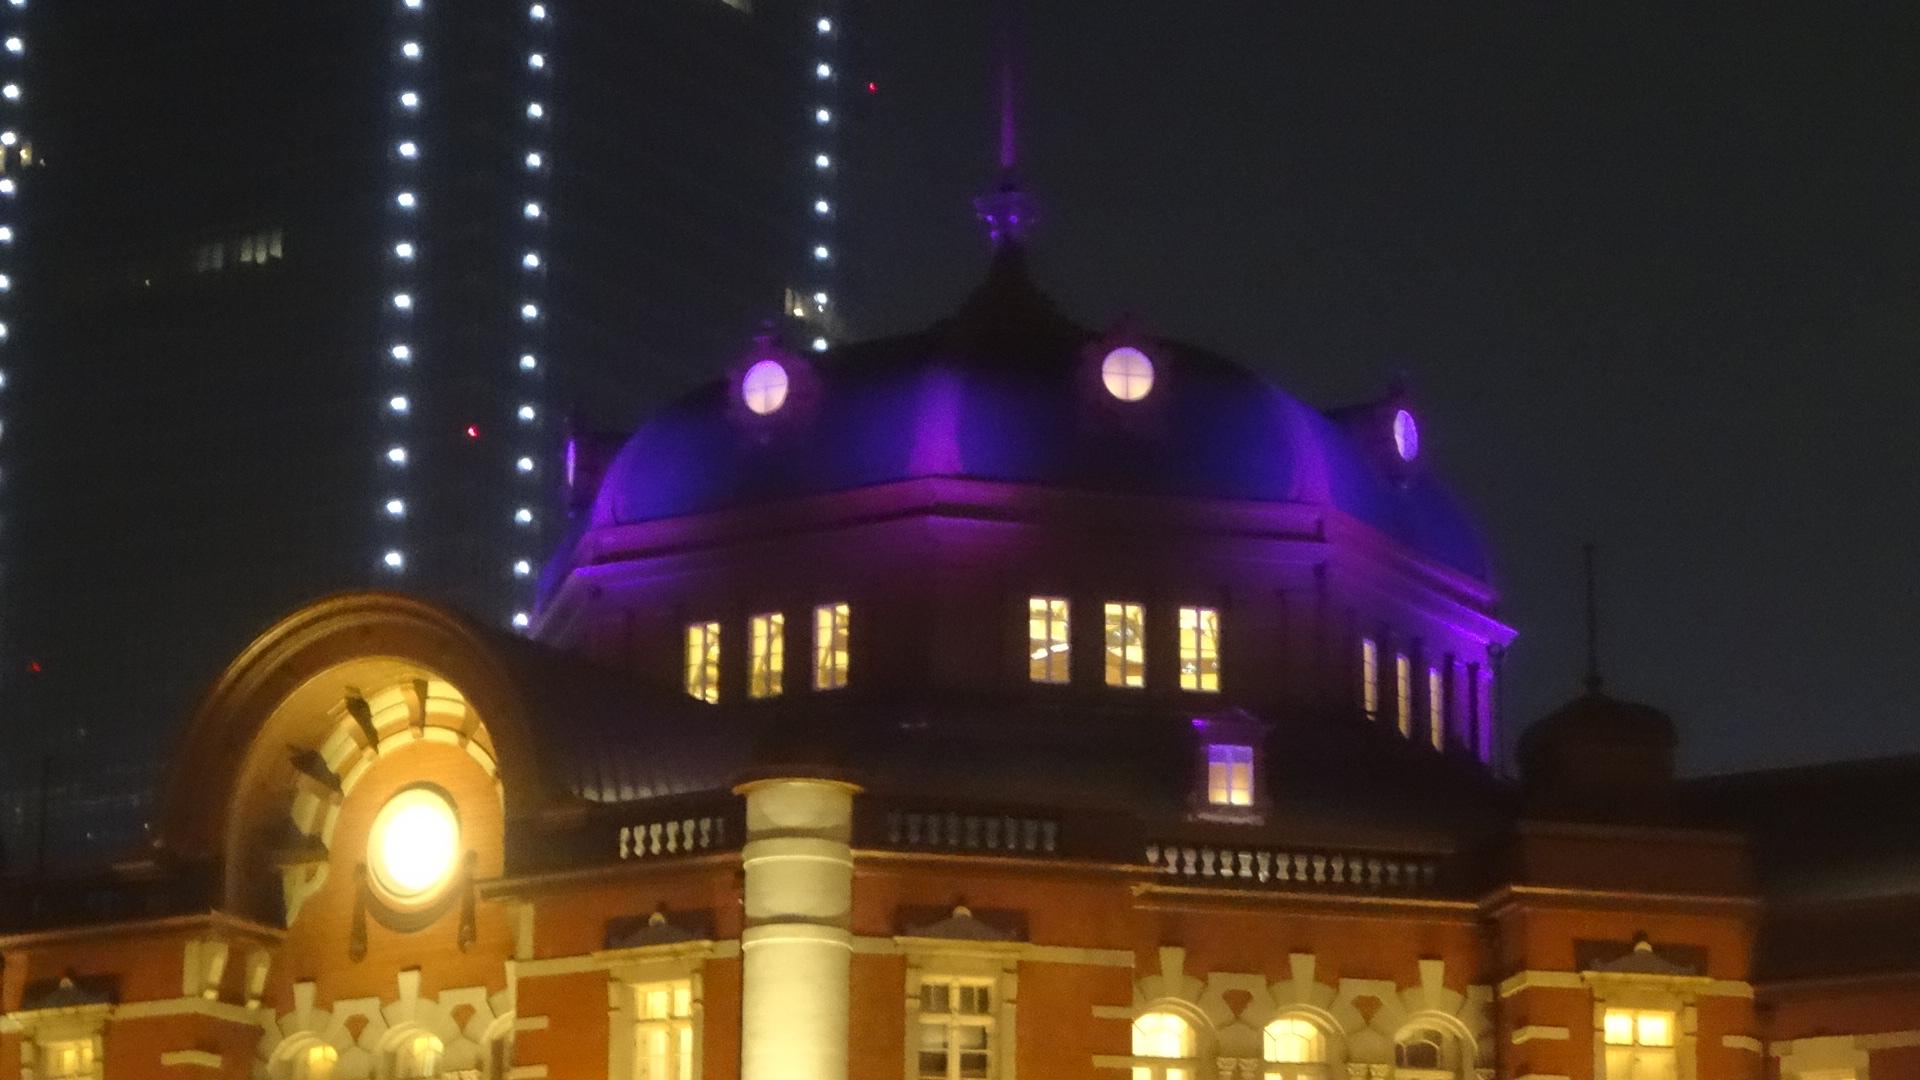 紫のライトをまとい 幻想的に浮かび上がる駅舎